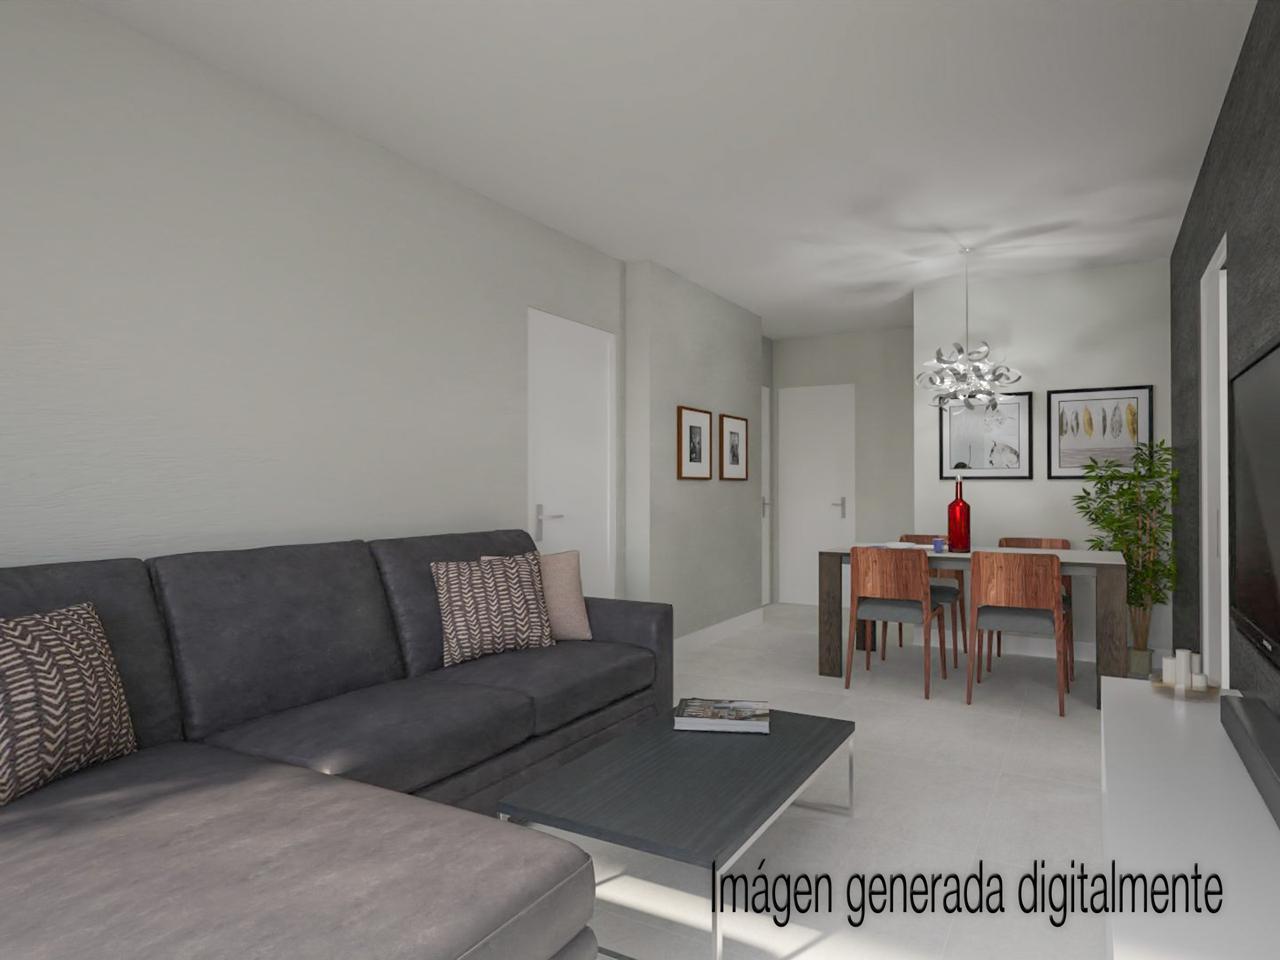 piso en montornes-del-valles · carrer-de-federico-garcia-lorca-08170 159000€